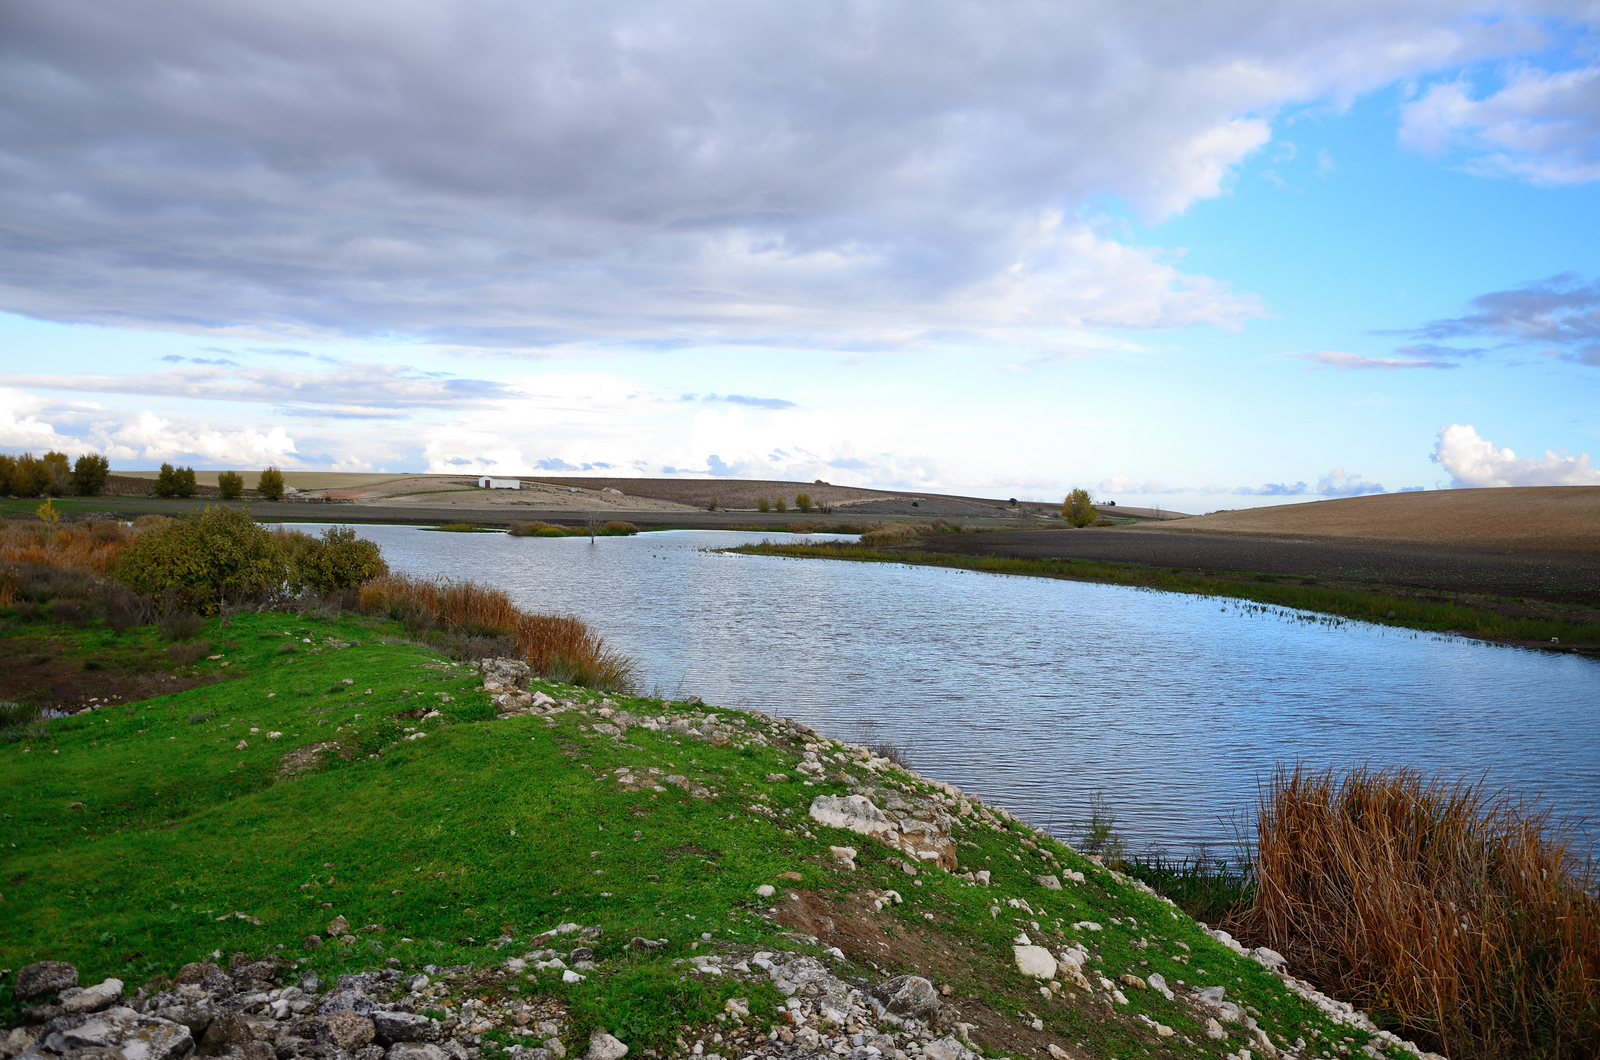 Río Guadiana en su curso alto. Autor, Roberto